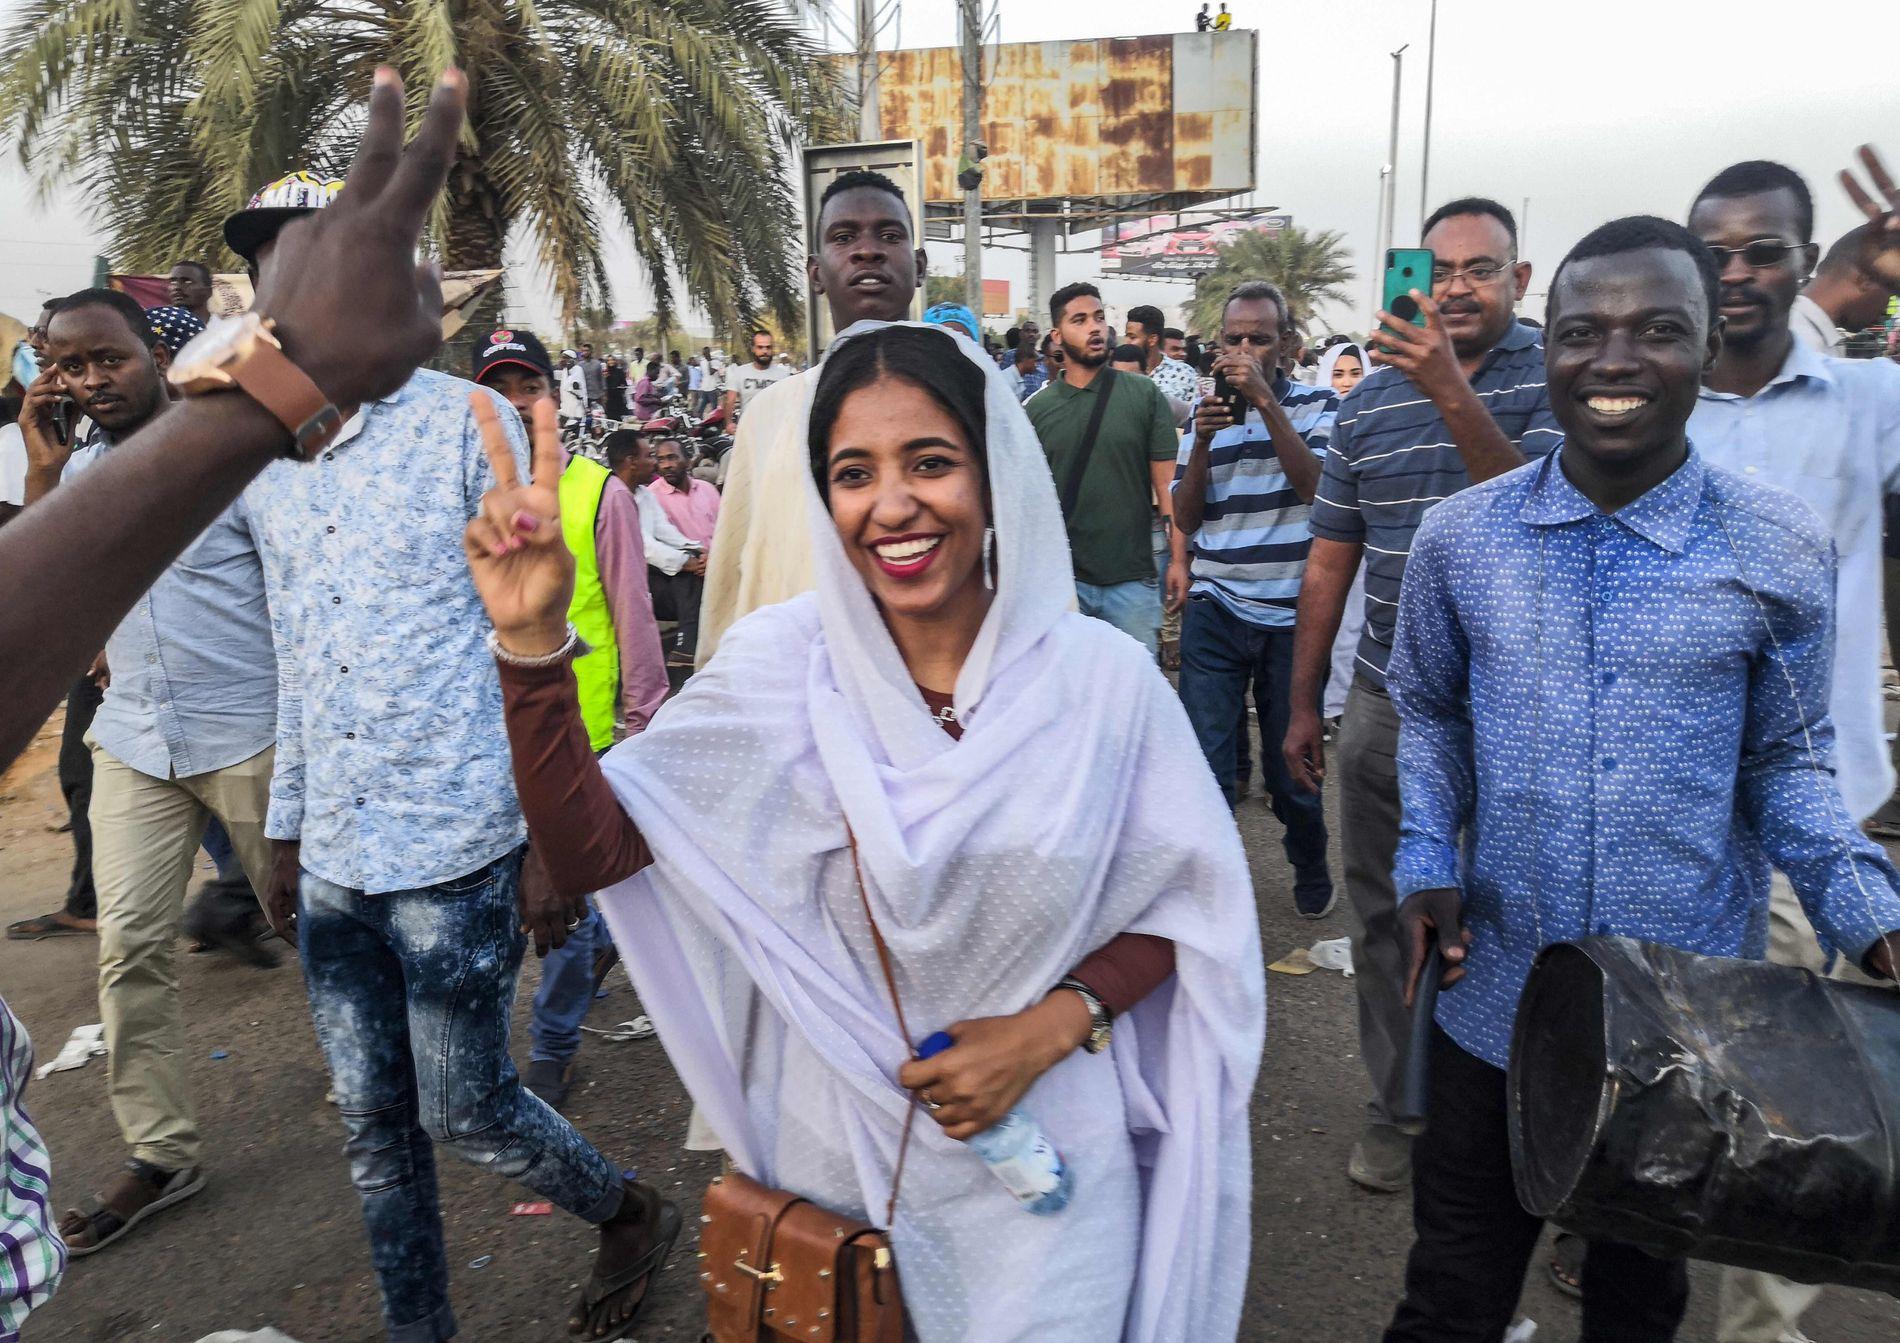 NUBIAN QUEEN: Det ble kallenavnet på Alaa Salah da hun gikk i spissen for de store demonstrasjonene mot president Bashir i april. De førte til presidentens avgang.